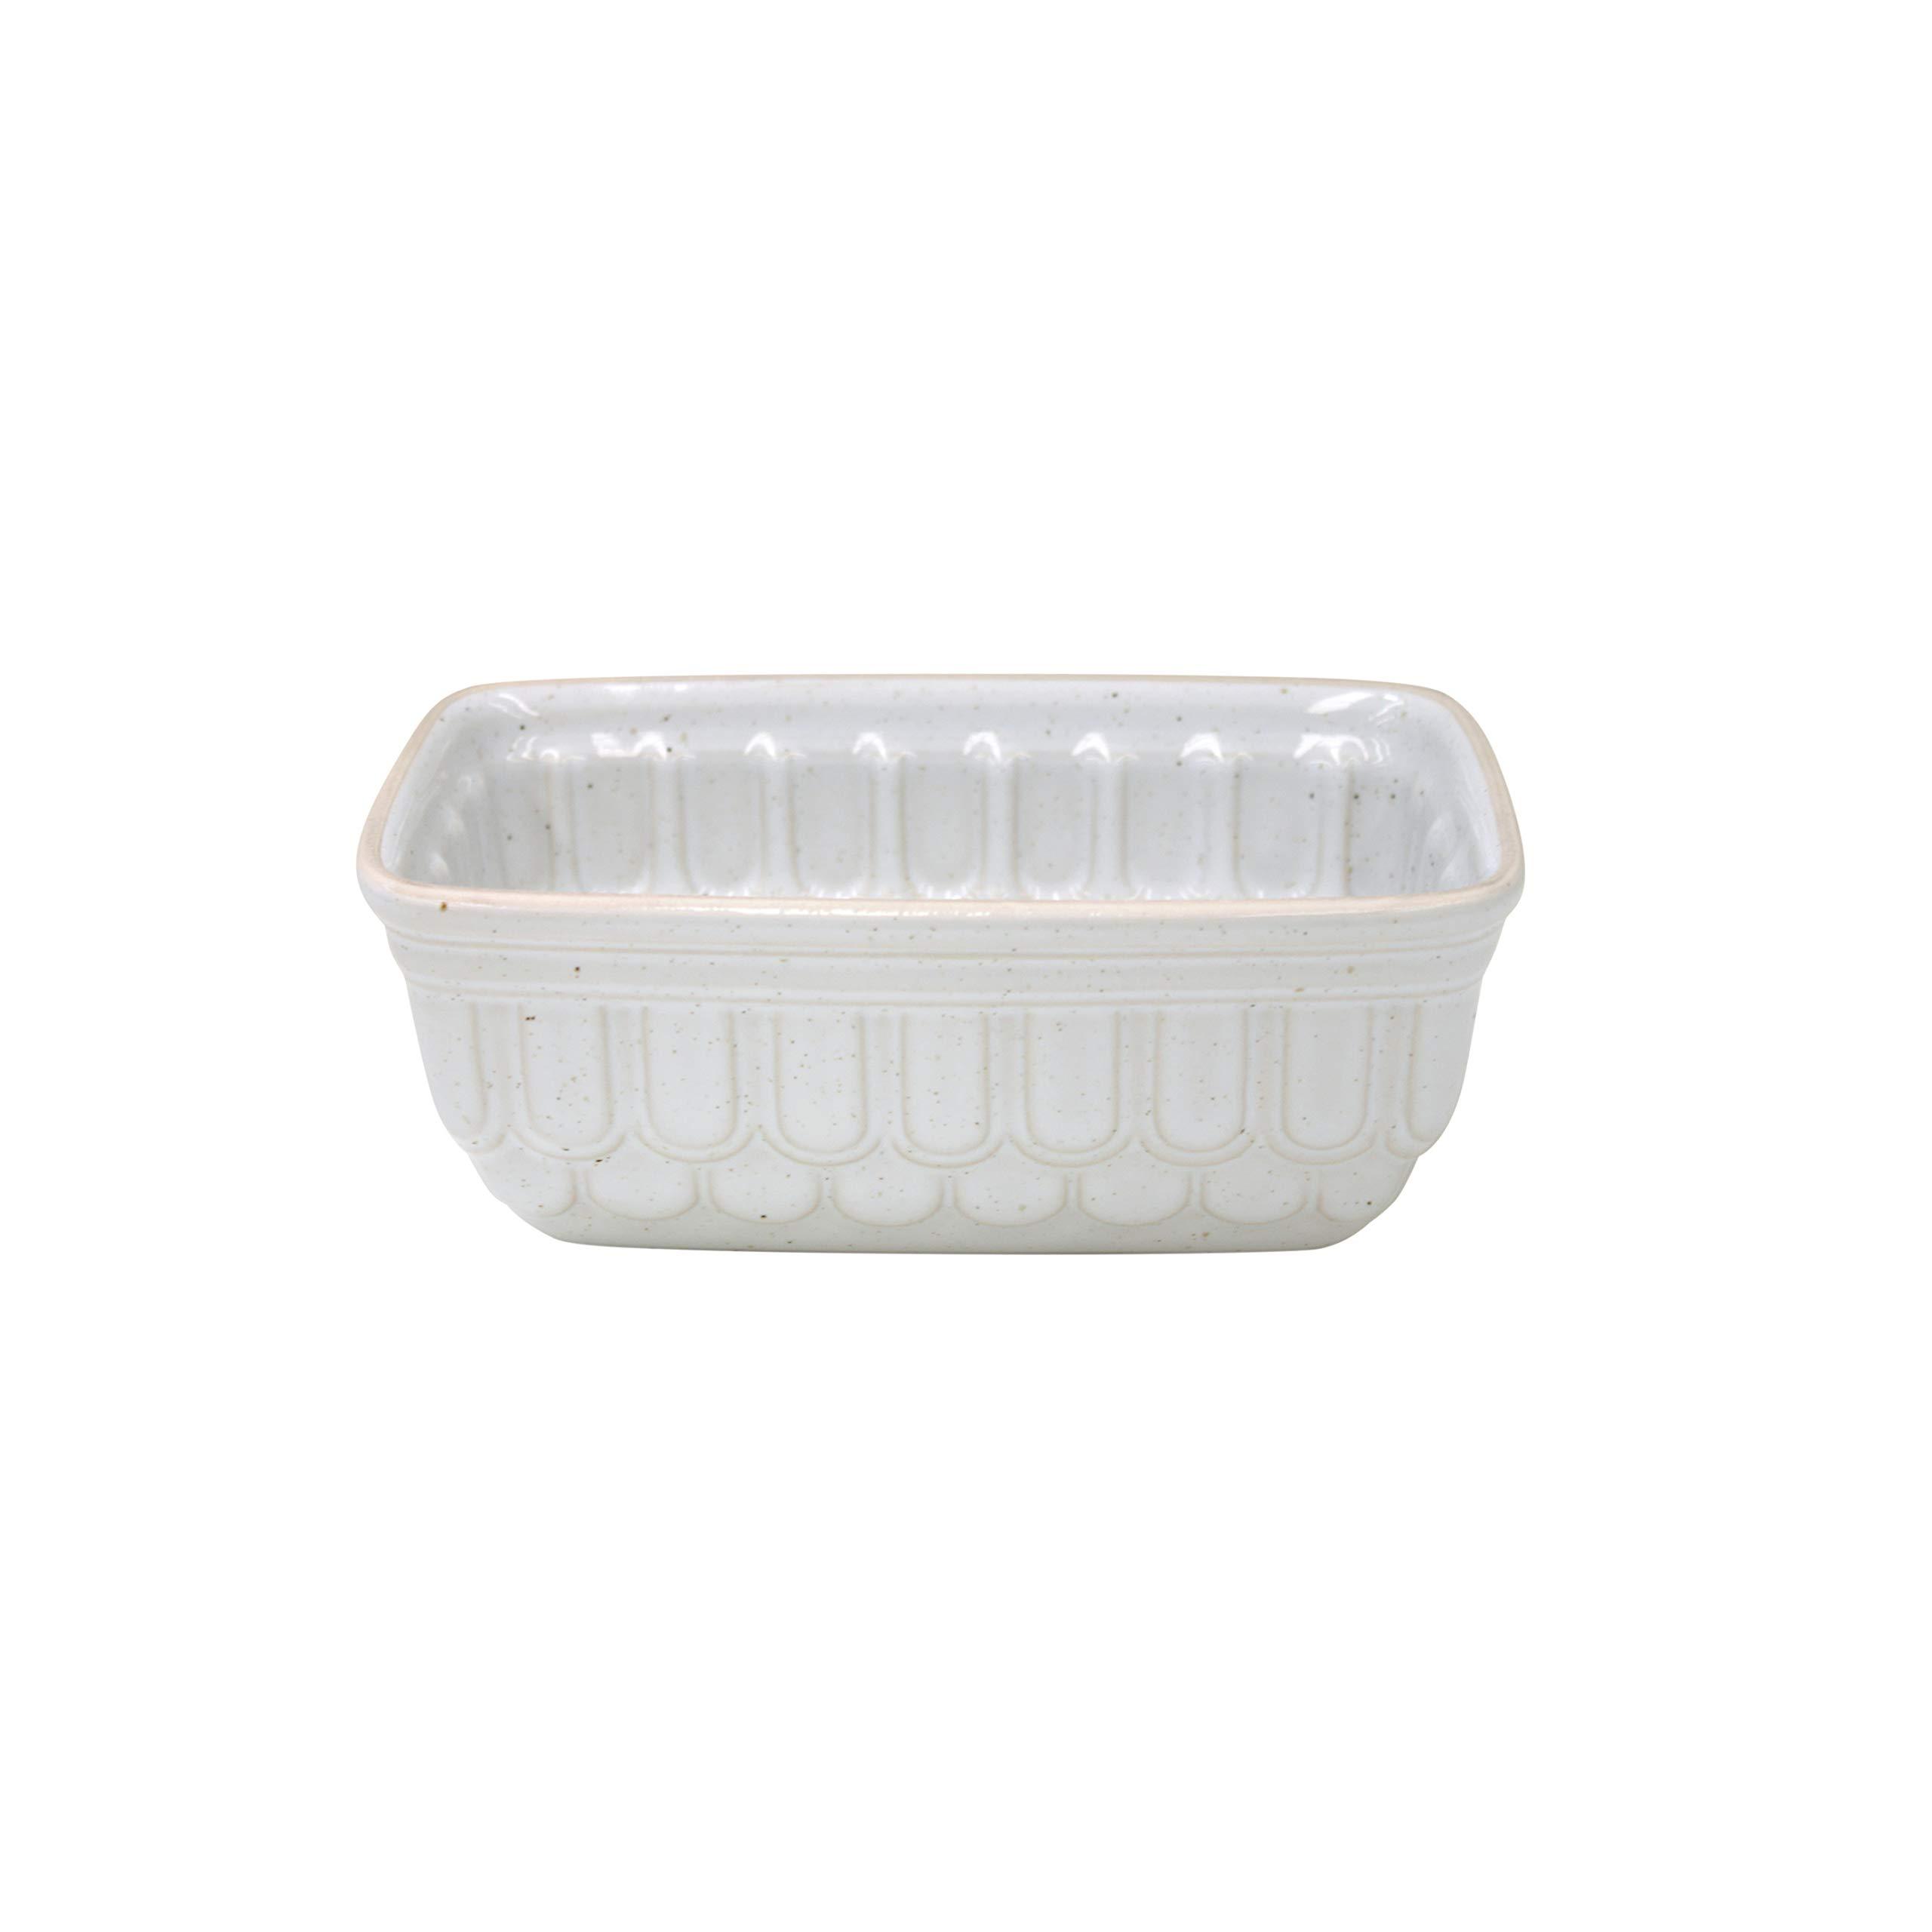 Casafina Fattoria Collection Stoneware Ceramic Loaf Pan 7.75''x4.5'', White